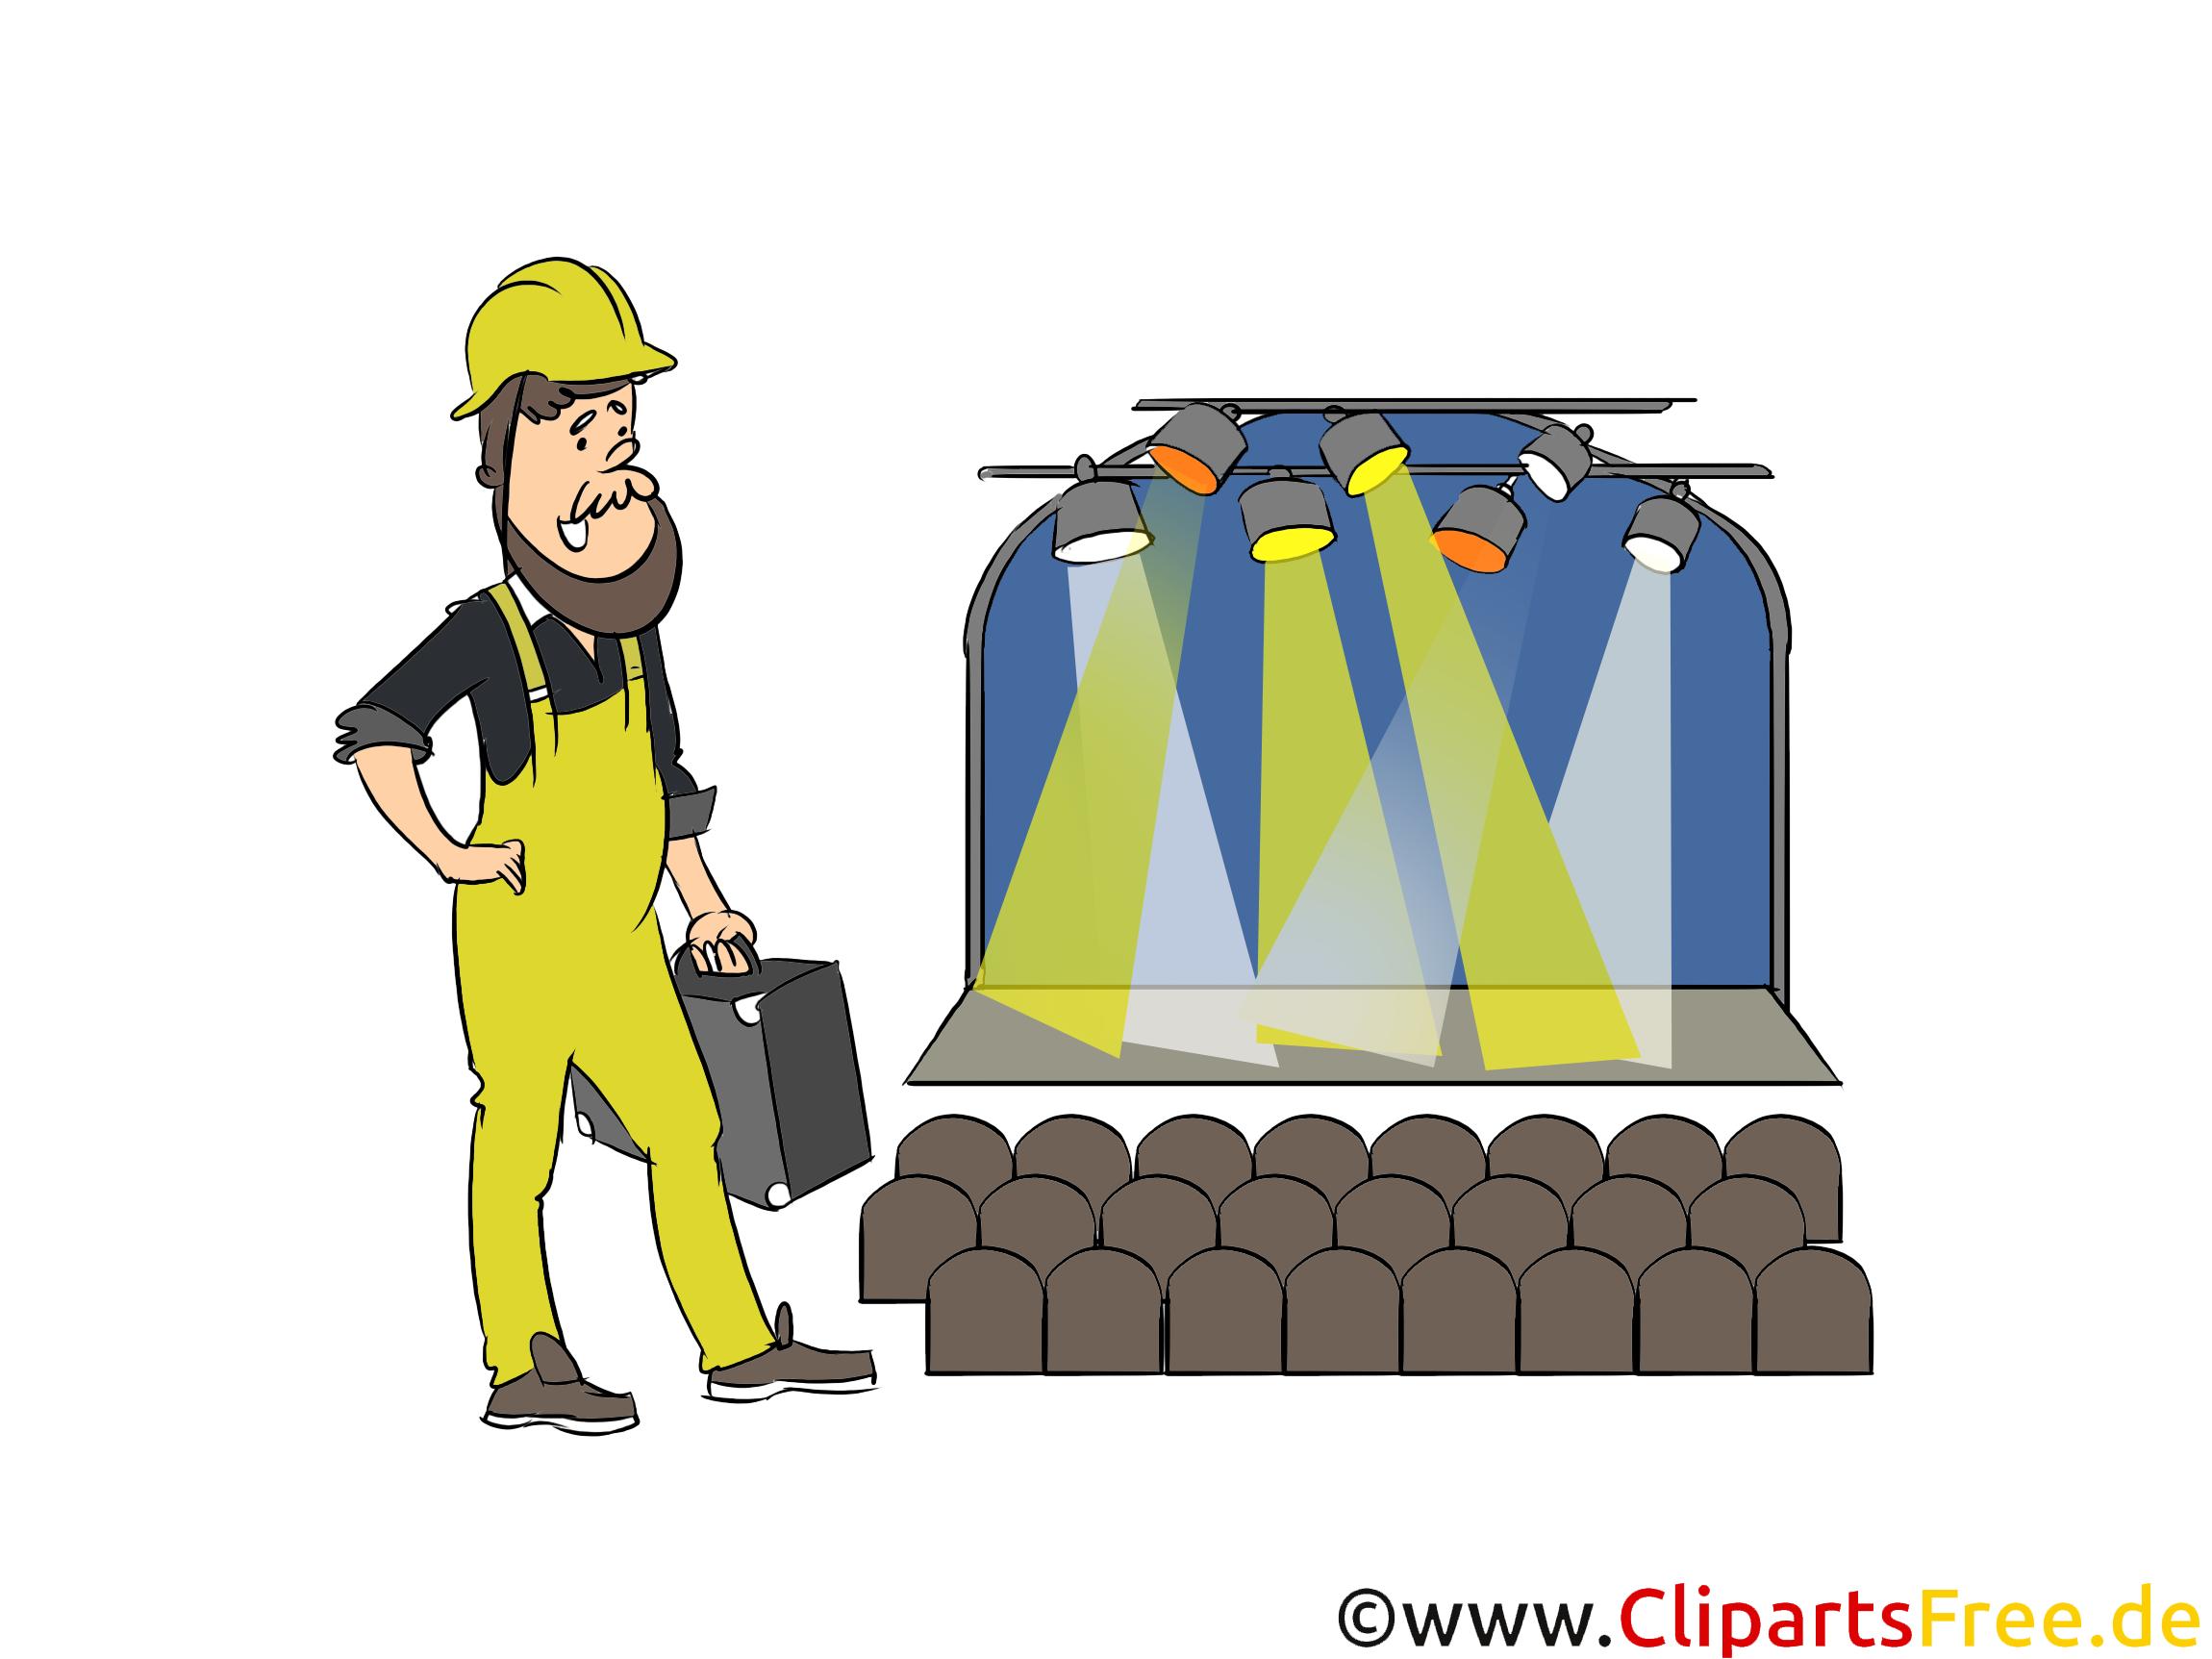 Veranstaltungstechnik Clipart, Bild, Grafik zum Thema Ausbildungsberufe